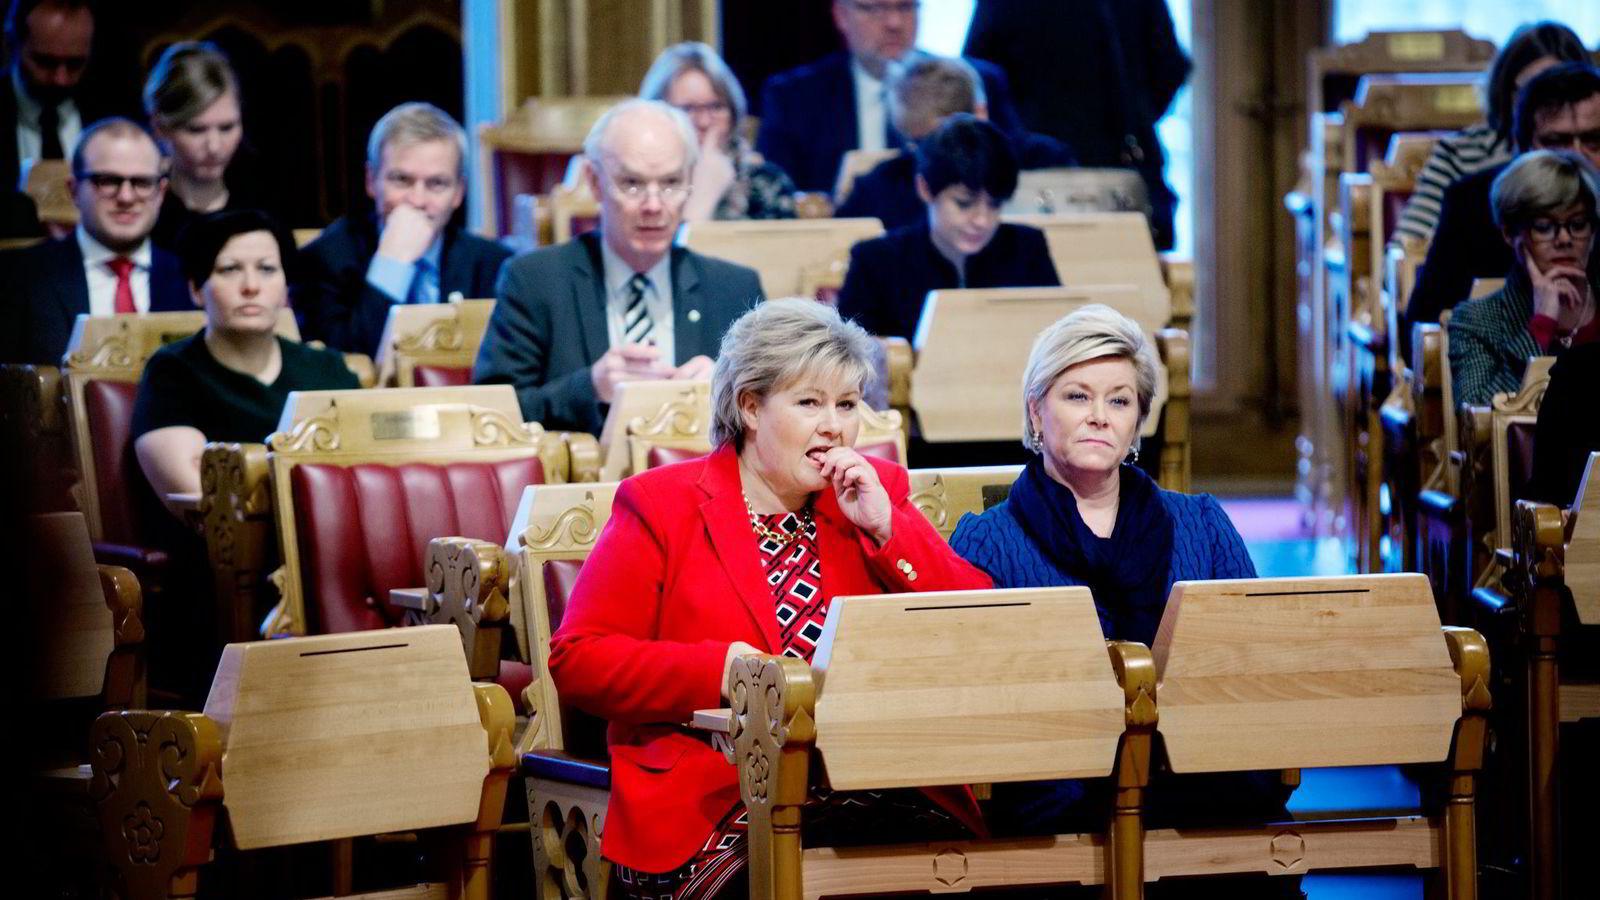 Finansminister Siv Jensen og statsminister Erna Solberg kan i dag motta en skatterapport som snakker mot regjeringens skattepolitikk. Foto: